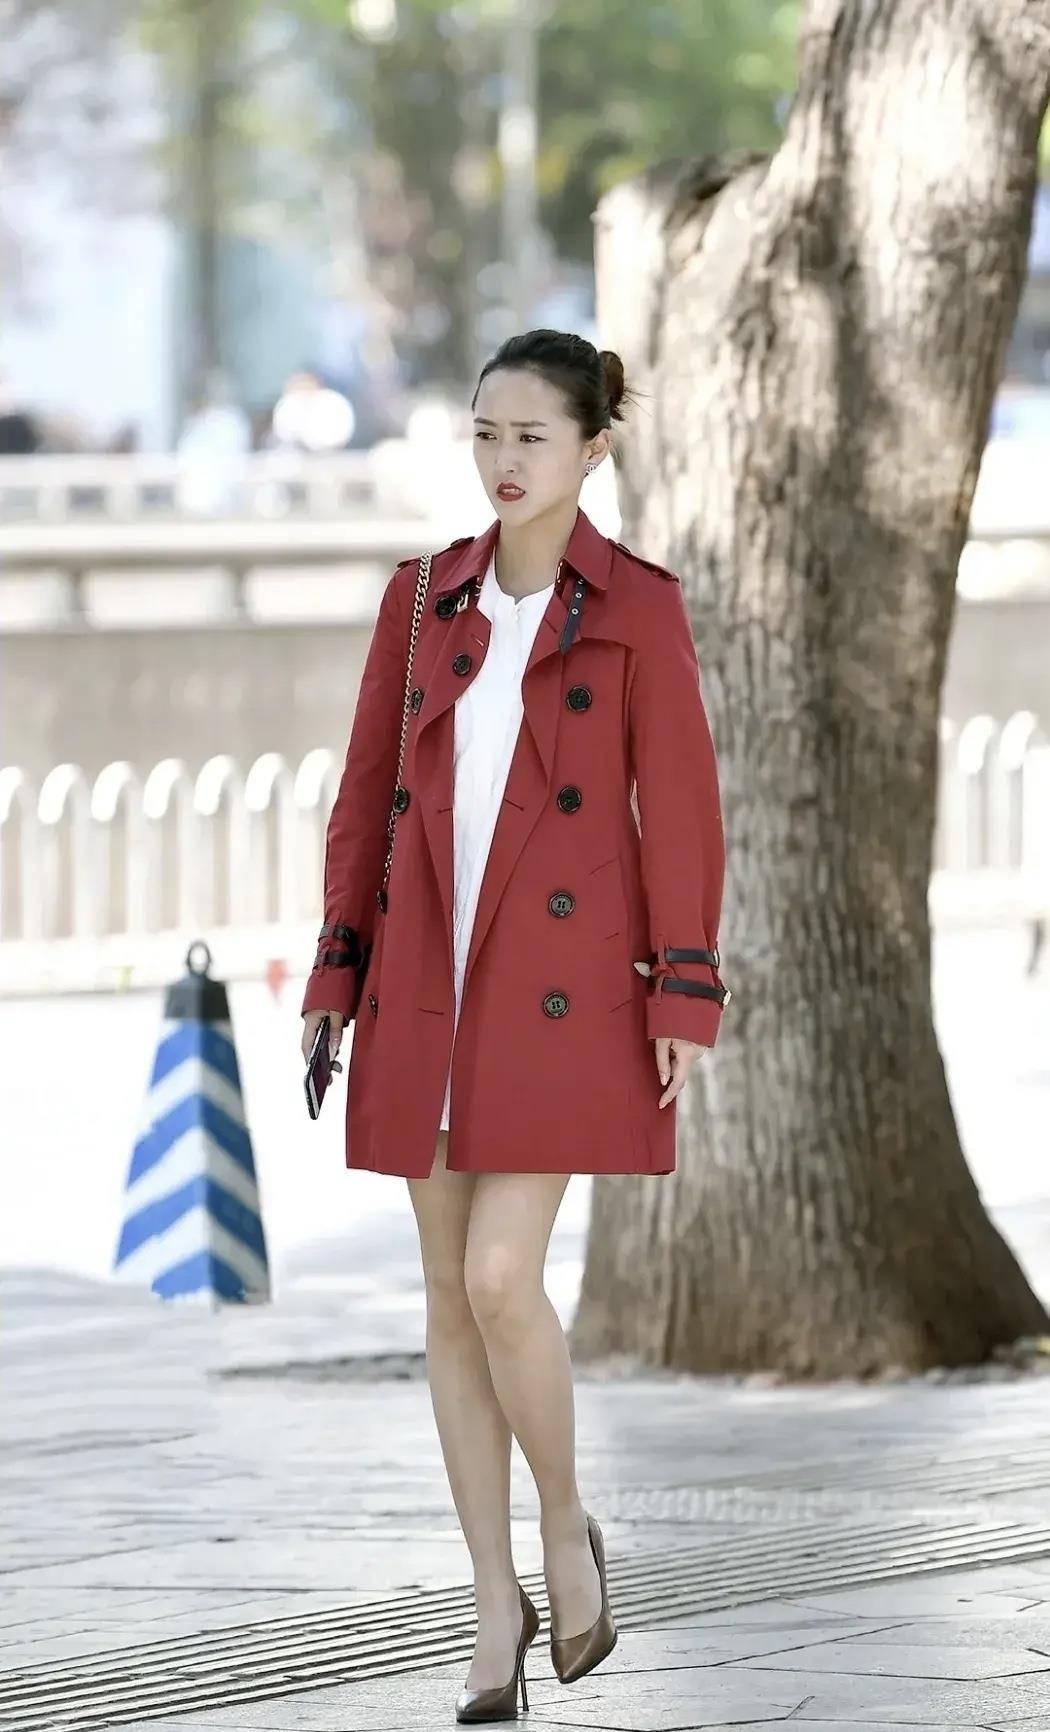 时尚风衣,中长款的设计宽松百搭,气场十足,凸显出青春的魅力